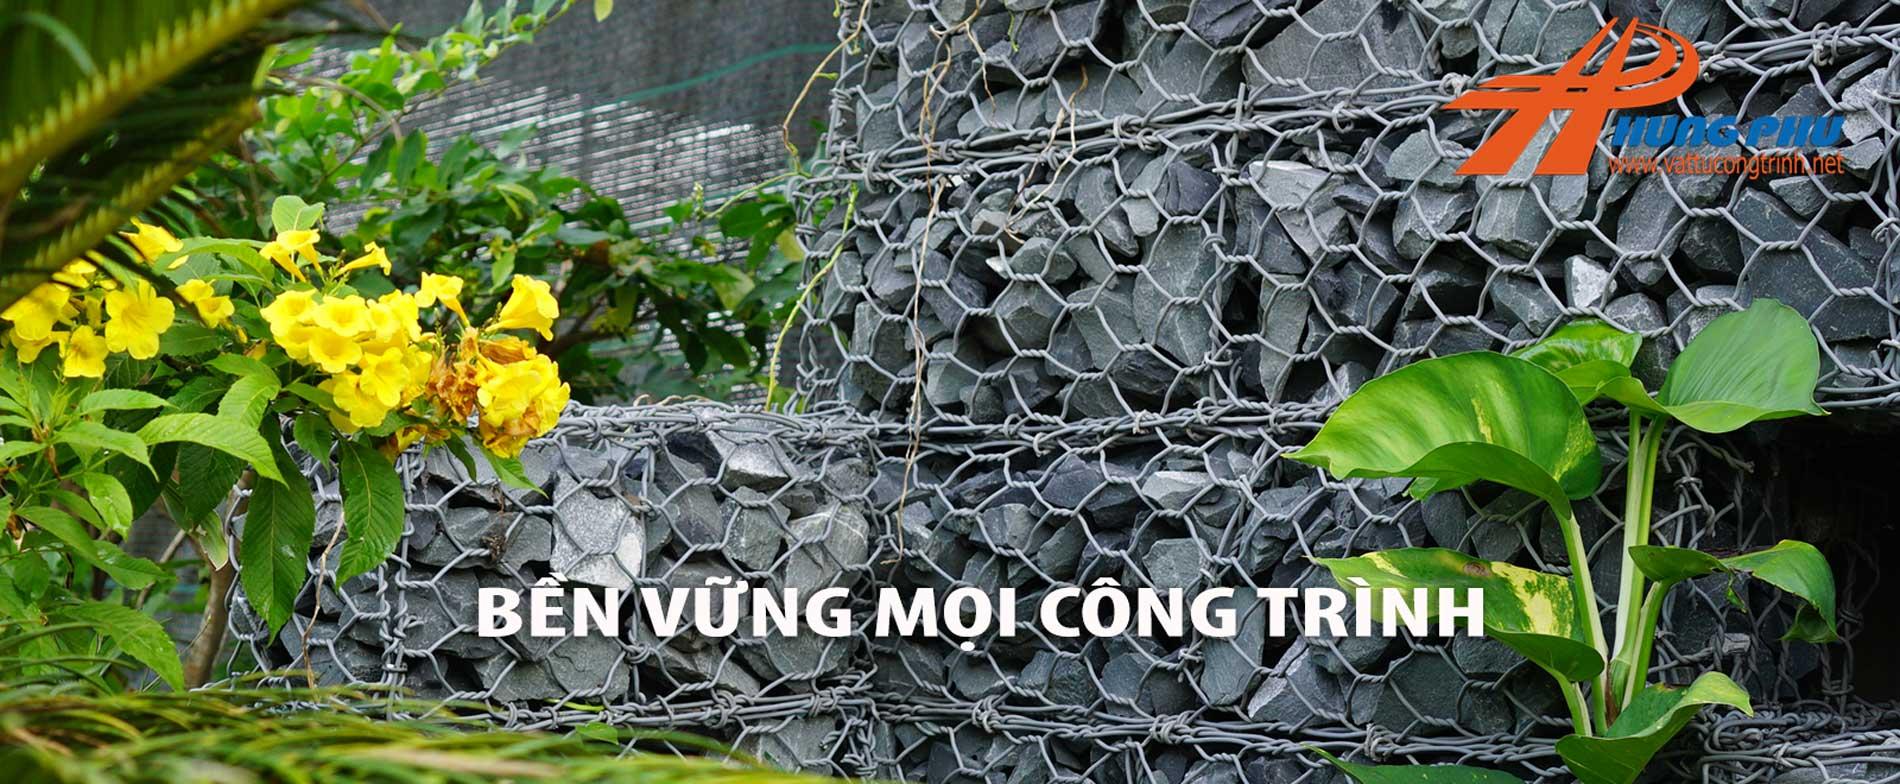 Rọ đá Hưng Phú